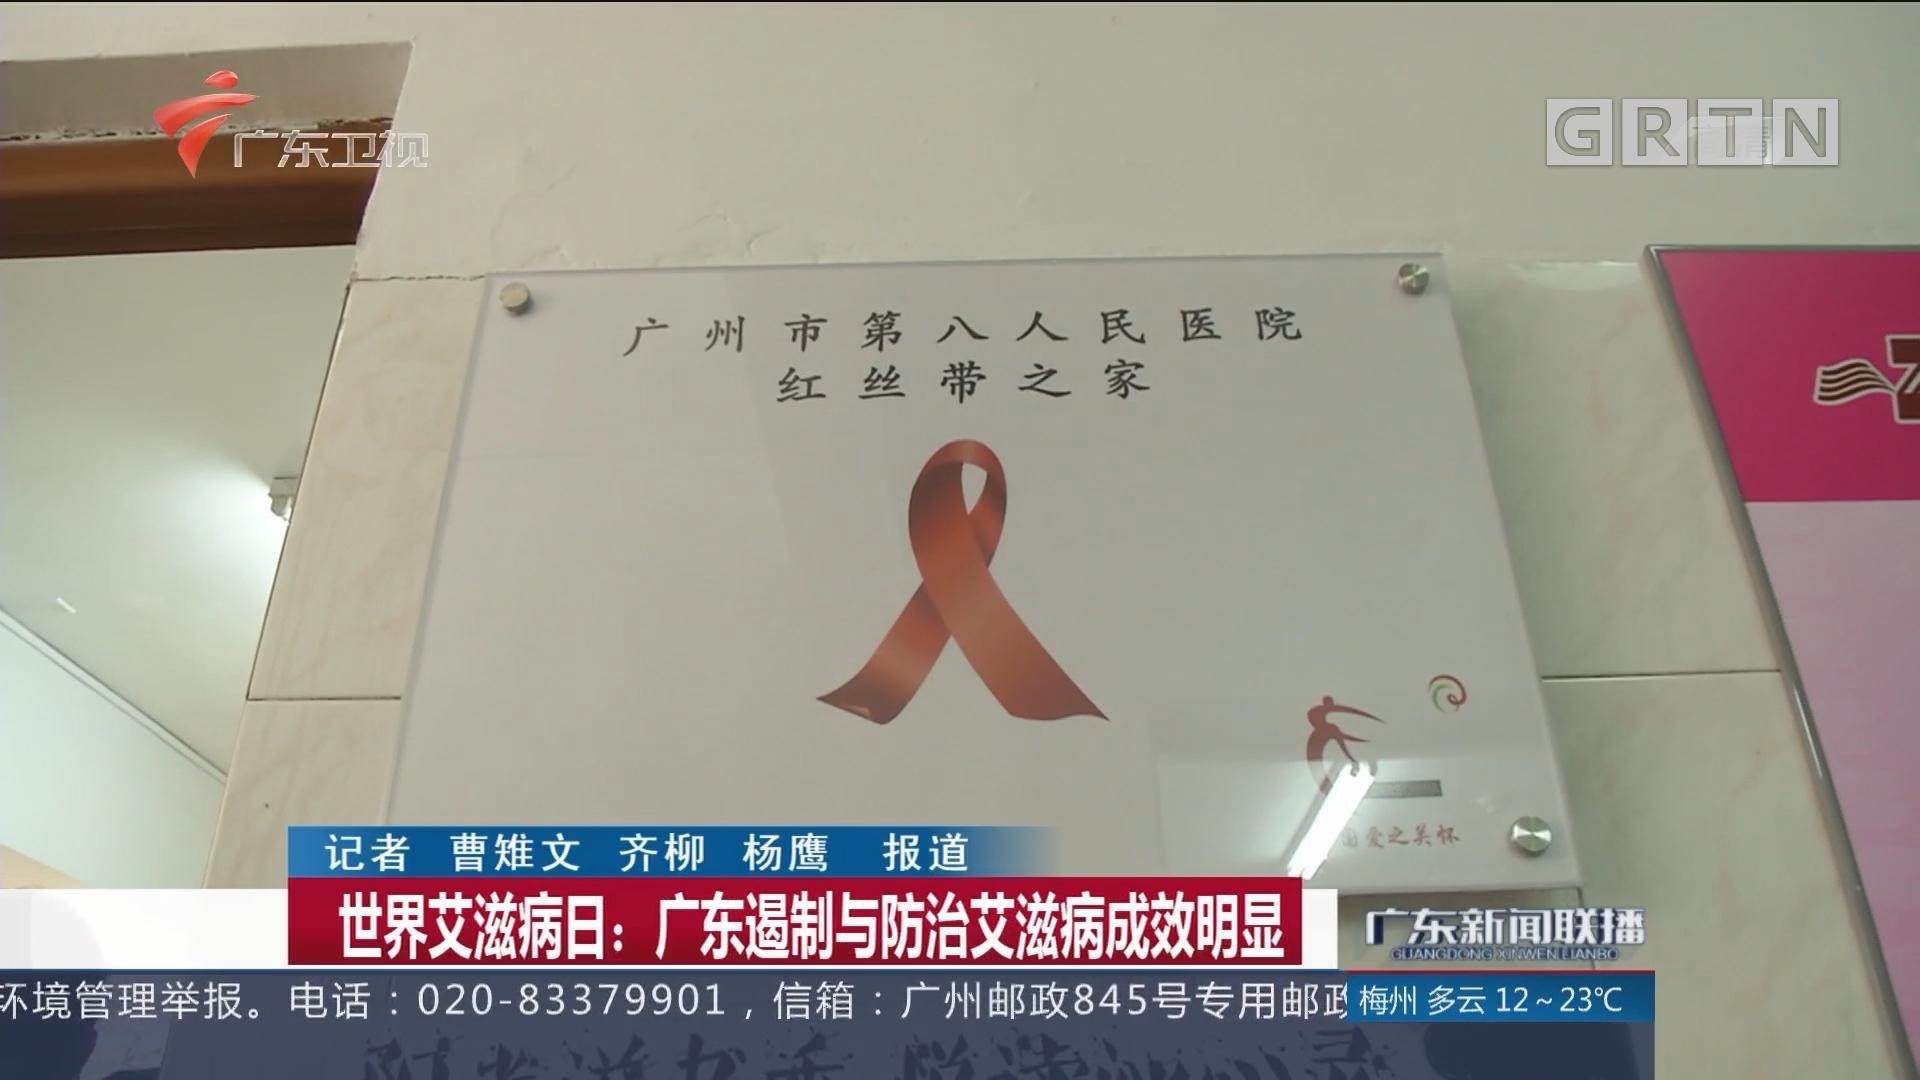 世界艾滋病日:广东遏制与防治艾滋病成效明显